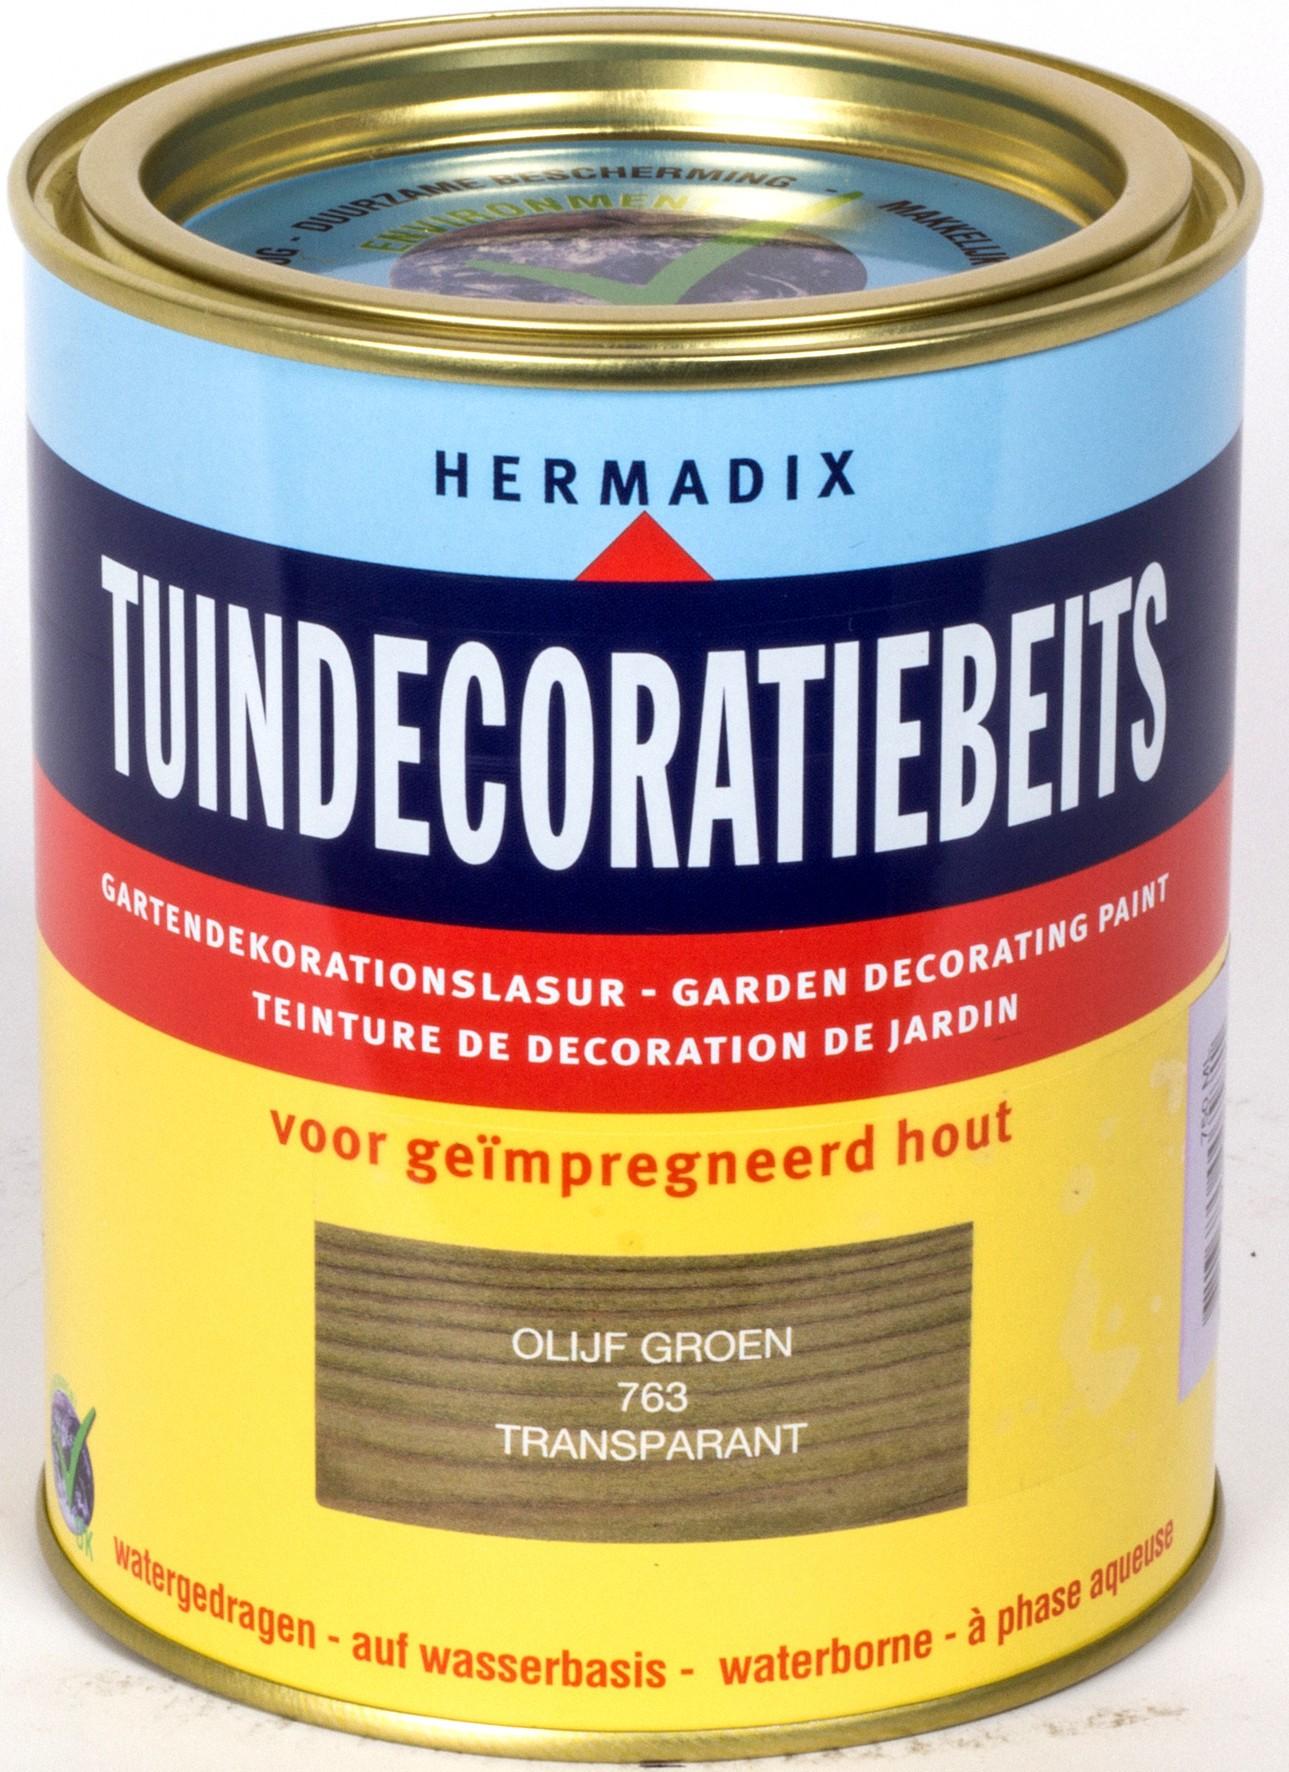 Hermadix beits Hermadix tuindecoratiebeits, transparant, nr. 763 olijf groen, blik 0,75 liter